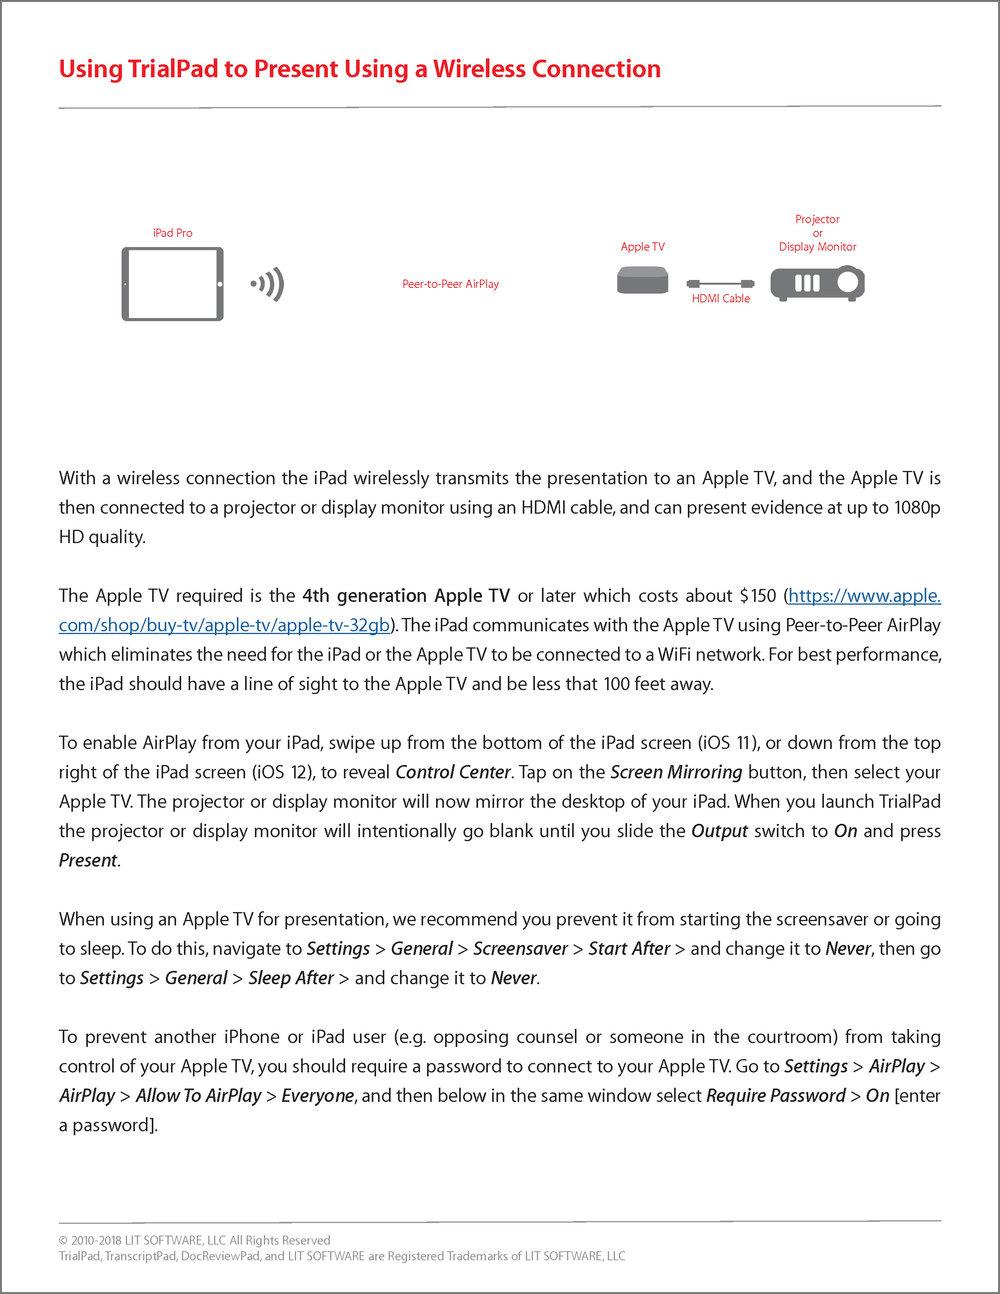 TRIALPAD - WIRELESS CONNECTION